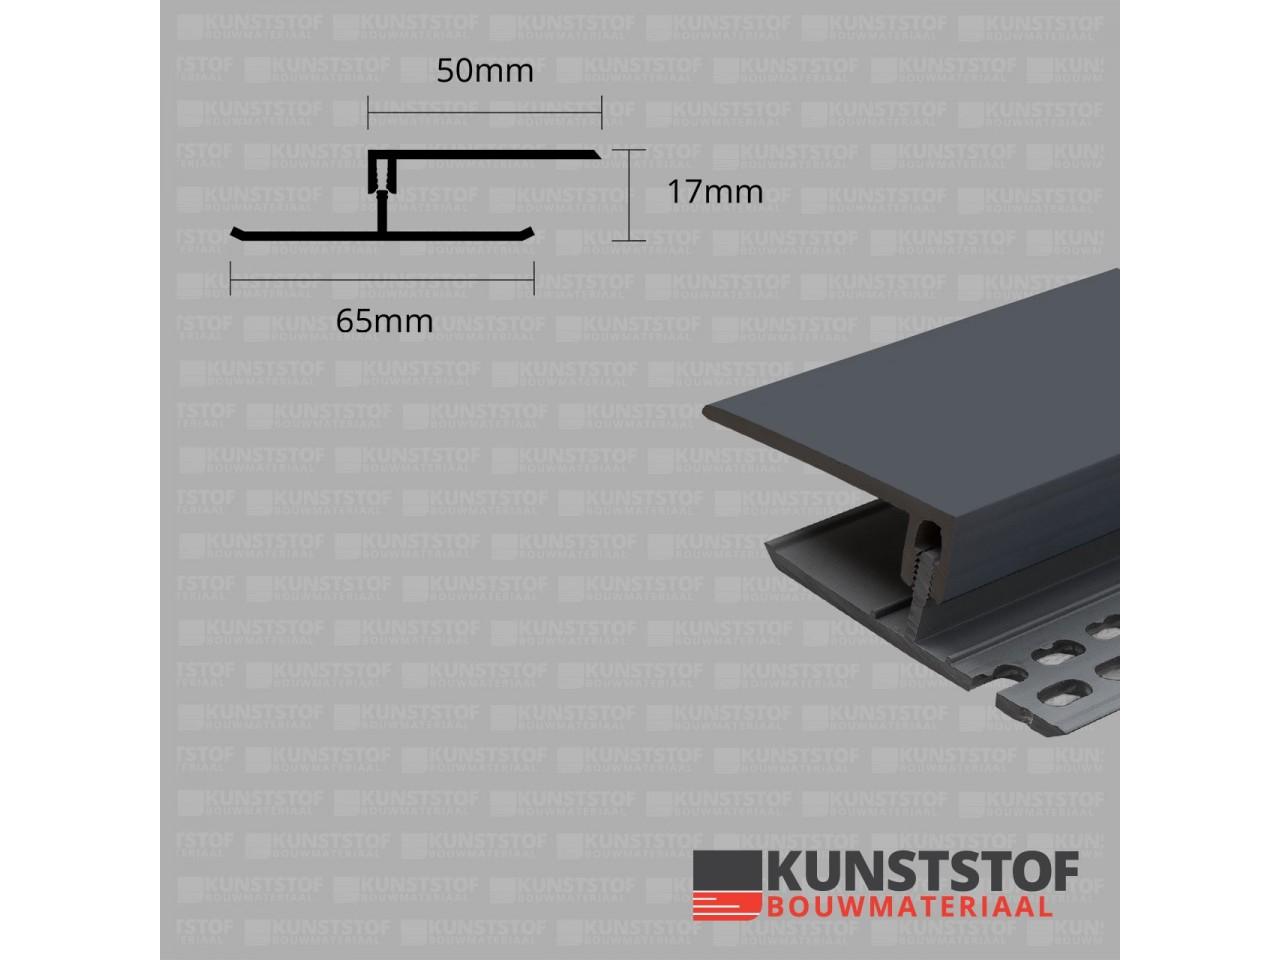 Eurotexx Dubbel Rabat - potdeksel 17mm ventilatie afsluitprofiel kunststof in de kleur antraciet ral 7015 donker grijs